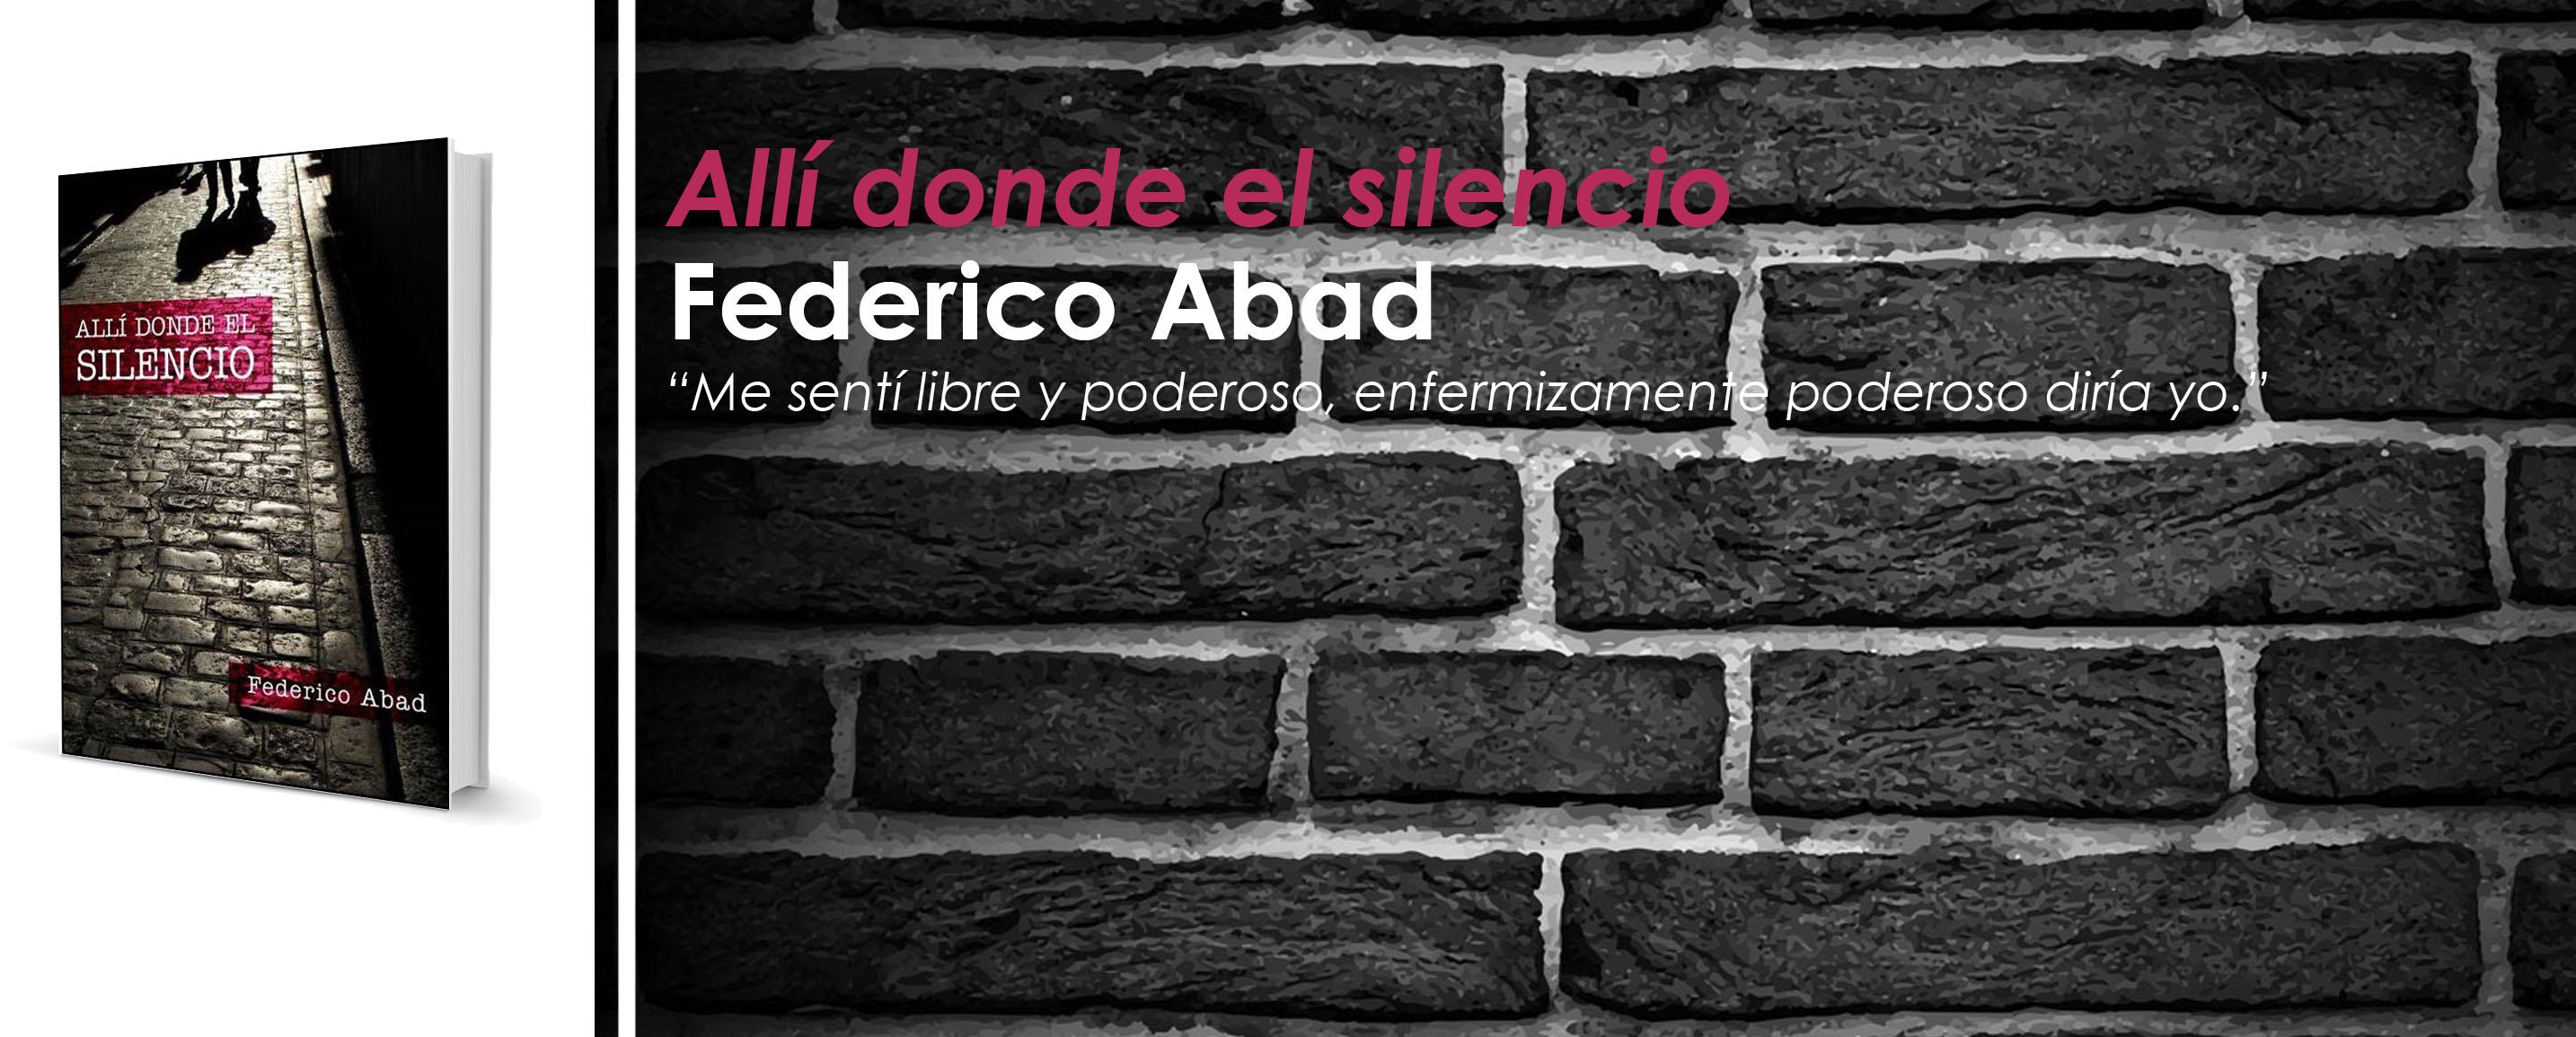 """Crítica a """"Allí donde el silencio"""", de Federico Abad"""